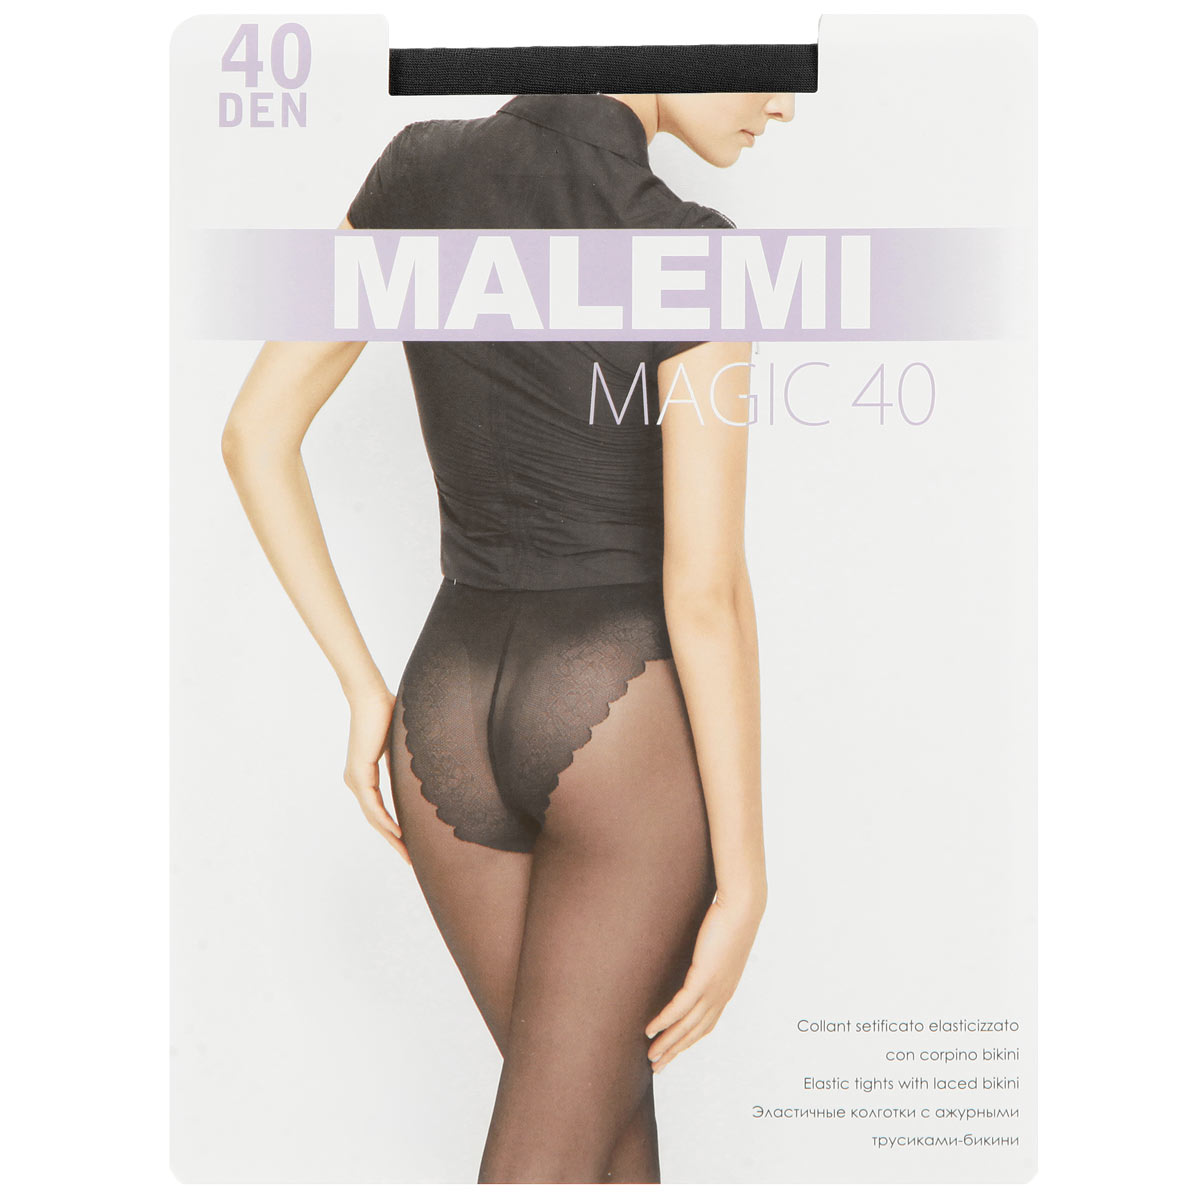 Колготки женские Malemi Magic 40, цвет: Nero (черный). Размер 2 (S)Magic 40Эластичные колготки с ажурными трусиками-бикини. Комфортный пояс, гигиеническая ластовица, укрепленный прозрачный мысок. Плотность: 40 den.